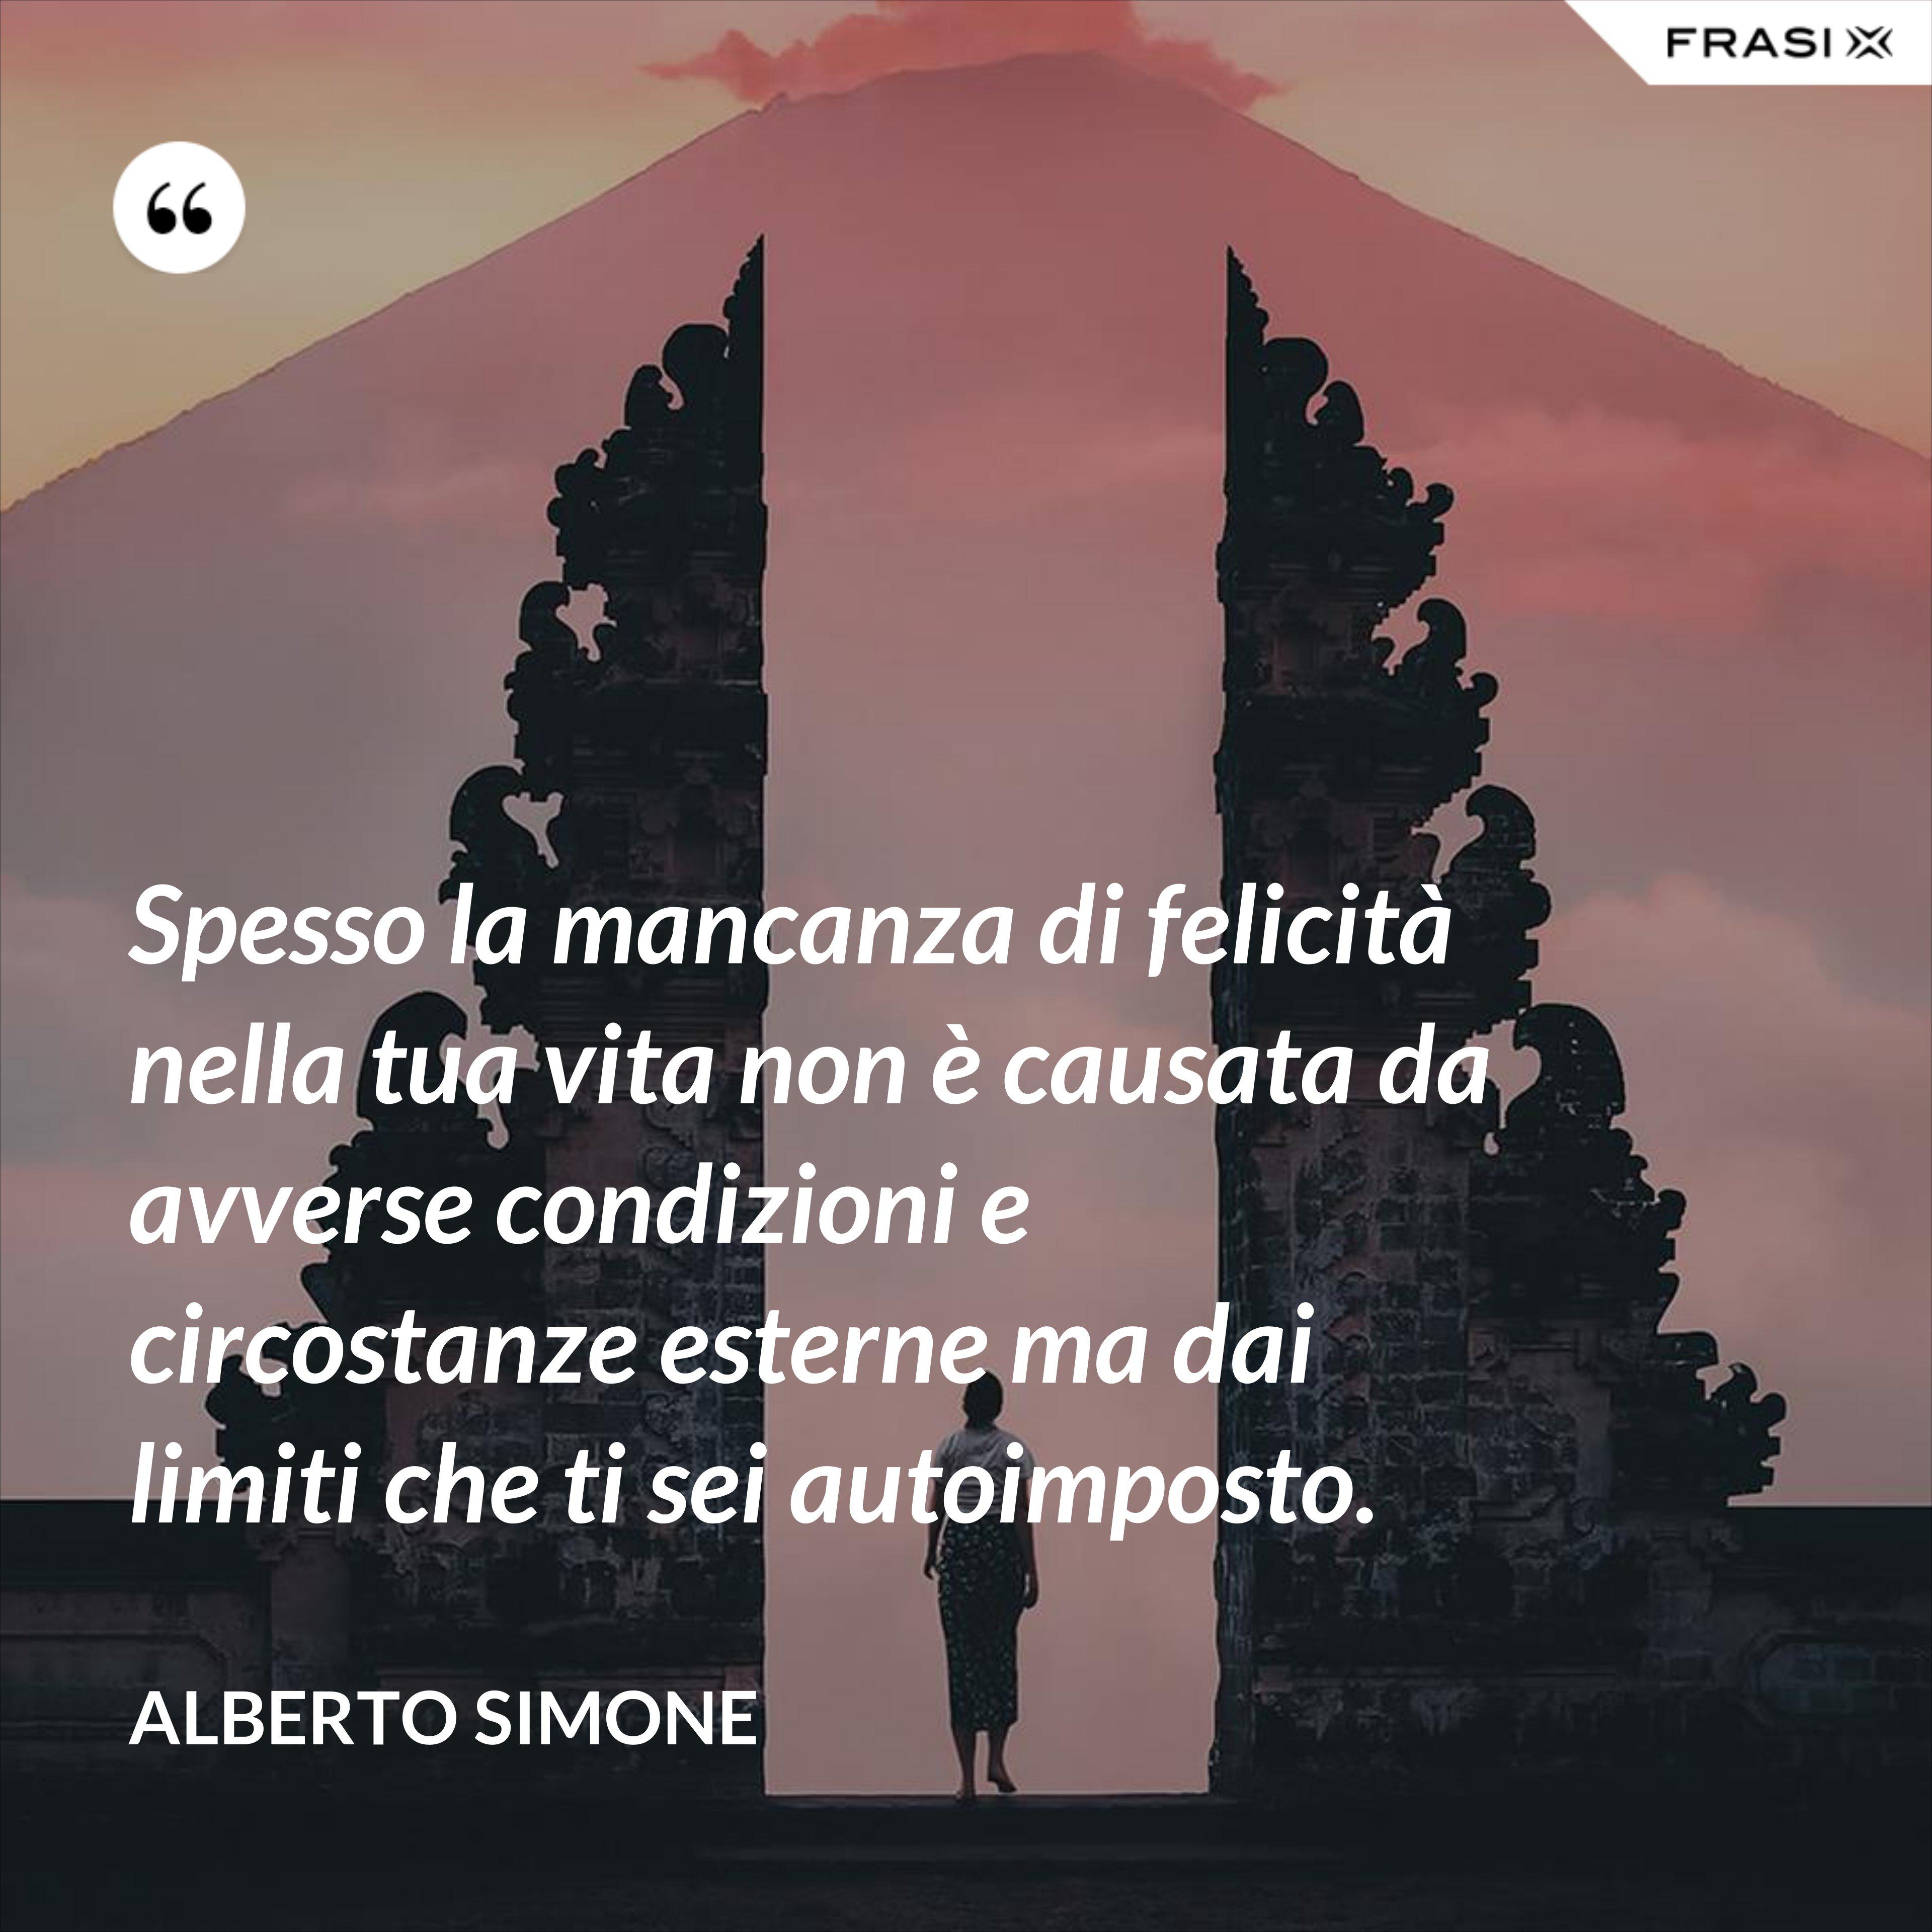 Spesso la mancanza di felicità nella tua vita non è causata da avverse condizioni e circostanze esterne ma dai limiti che ti sei autoimposto. - Alberto Simone